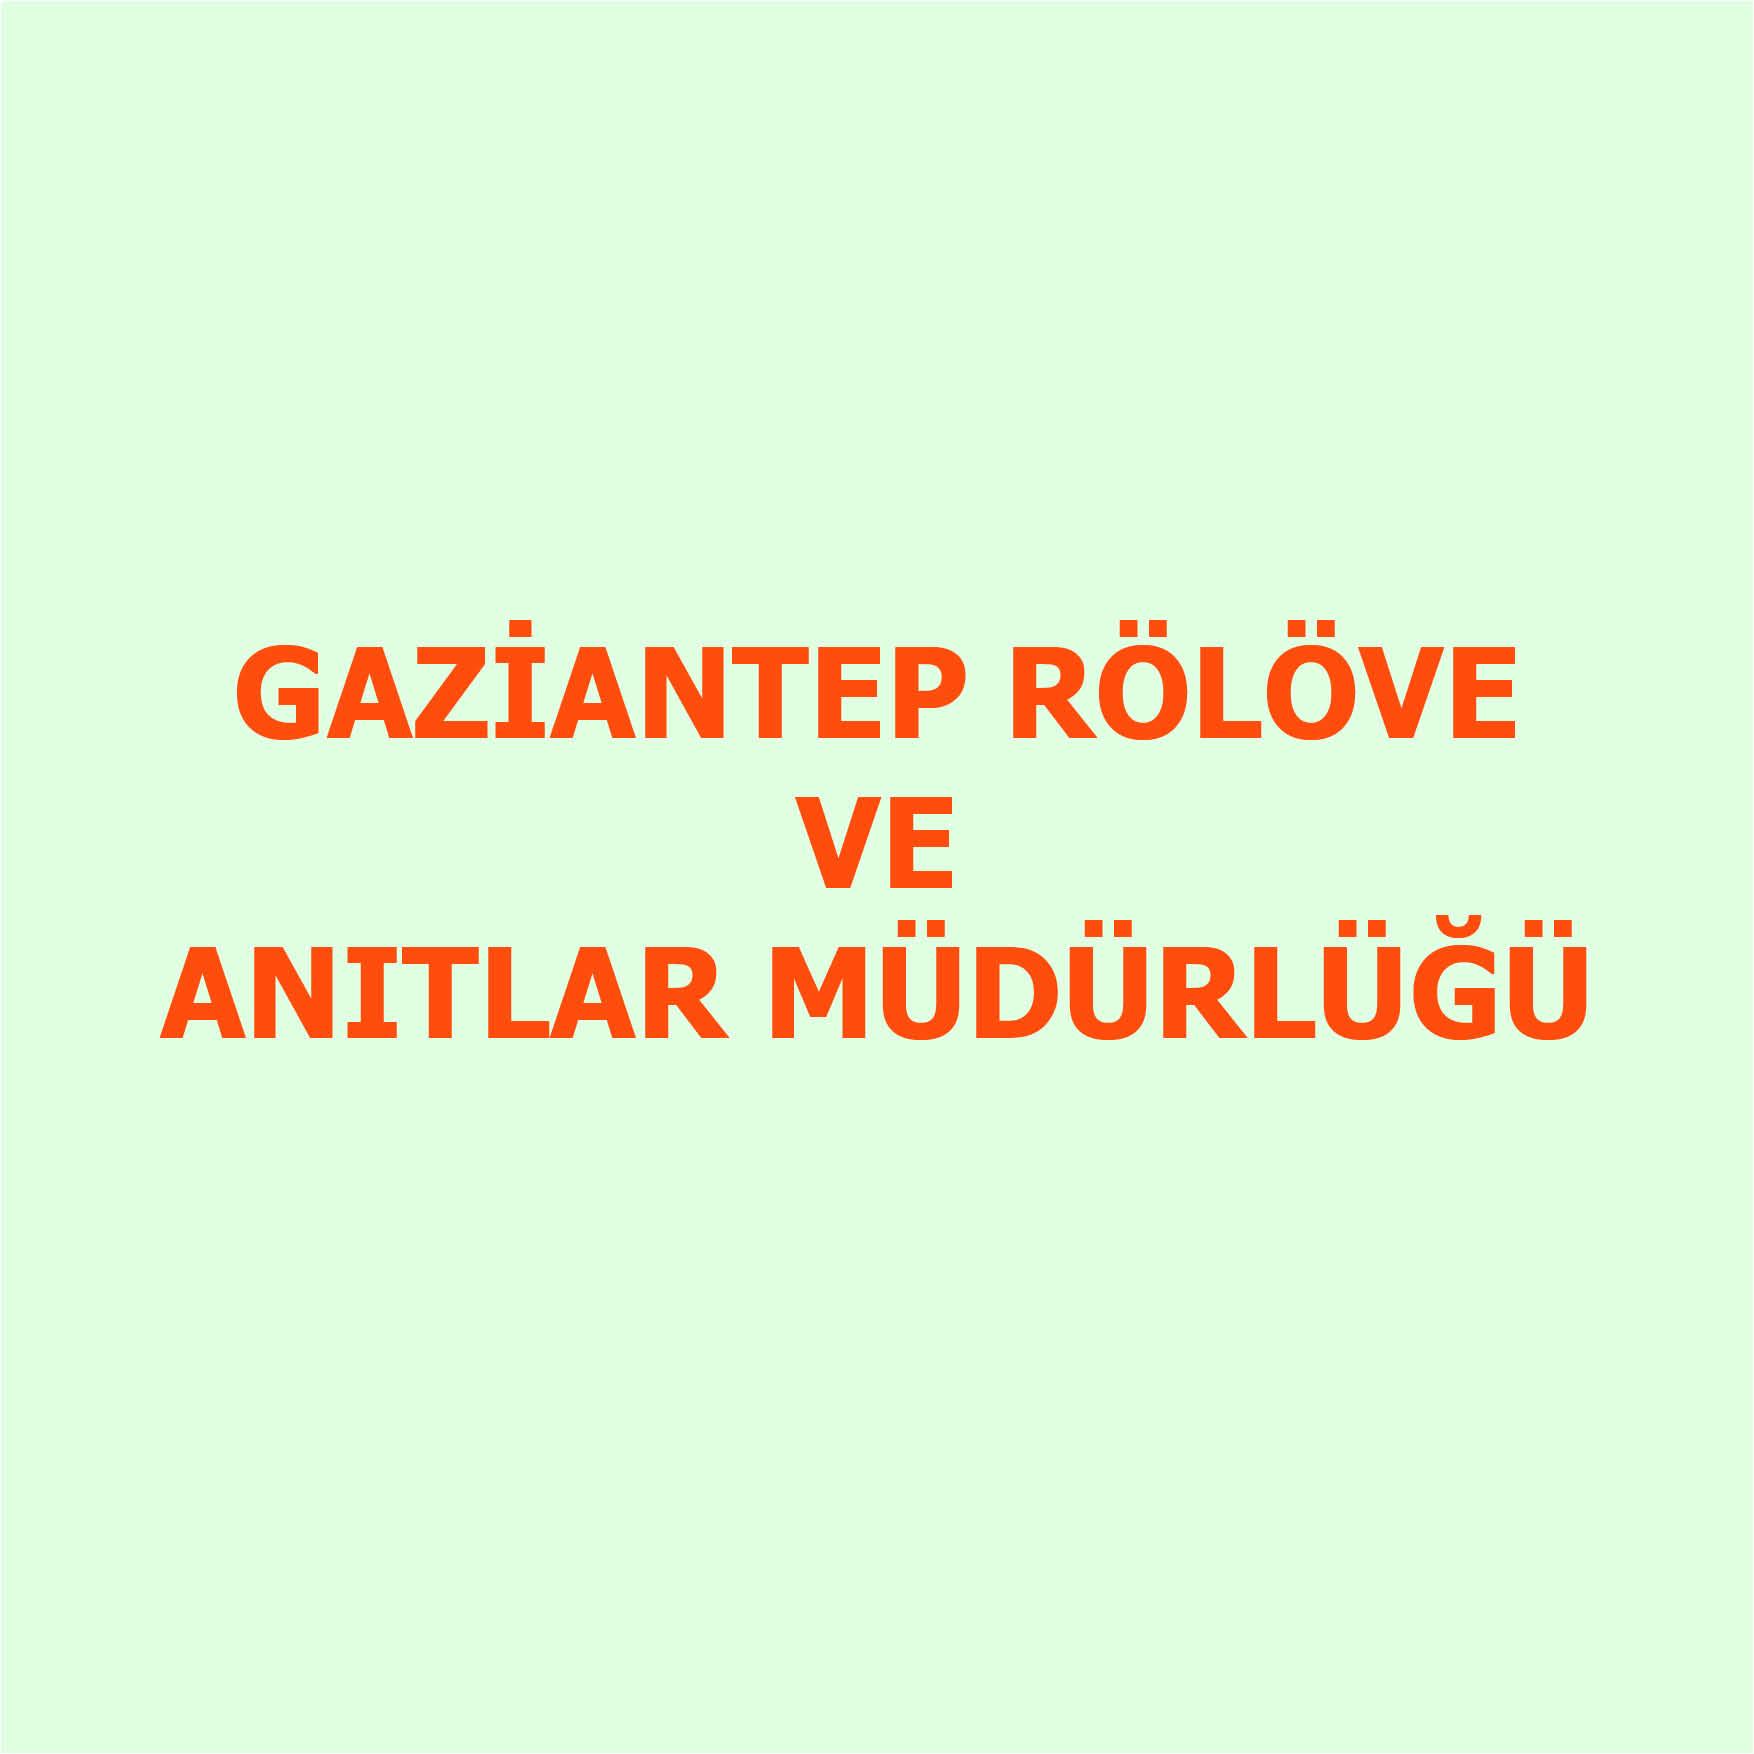 Gaziantep Rölöve ve Anıtlar Müdürlüğü